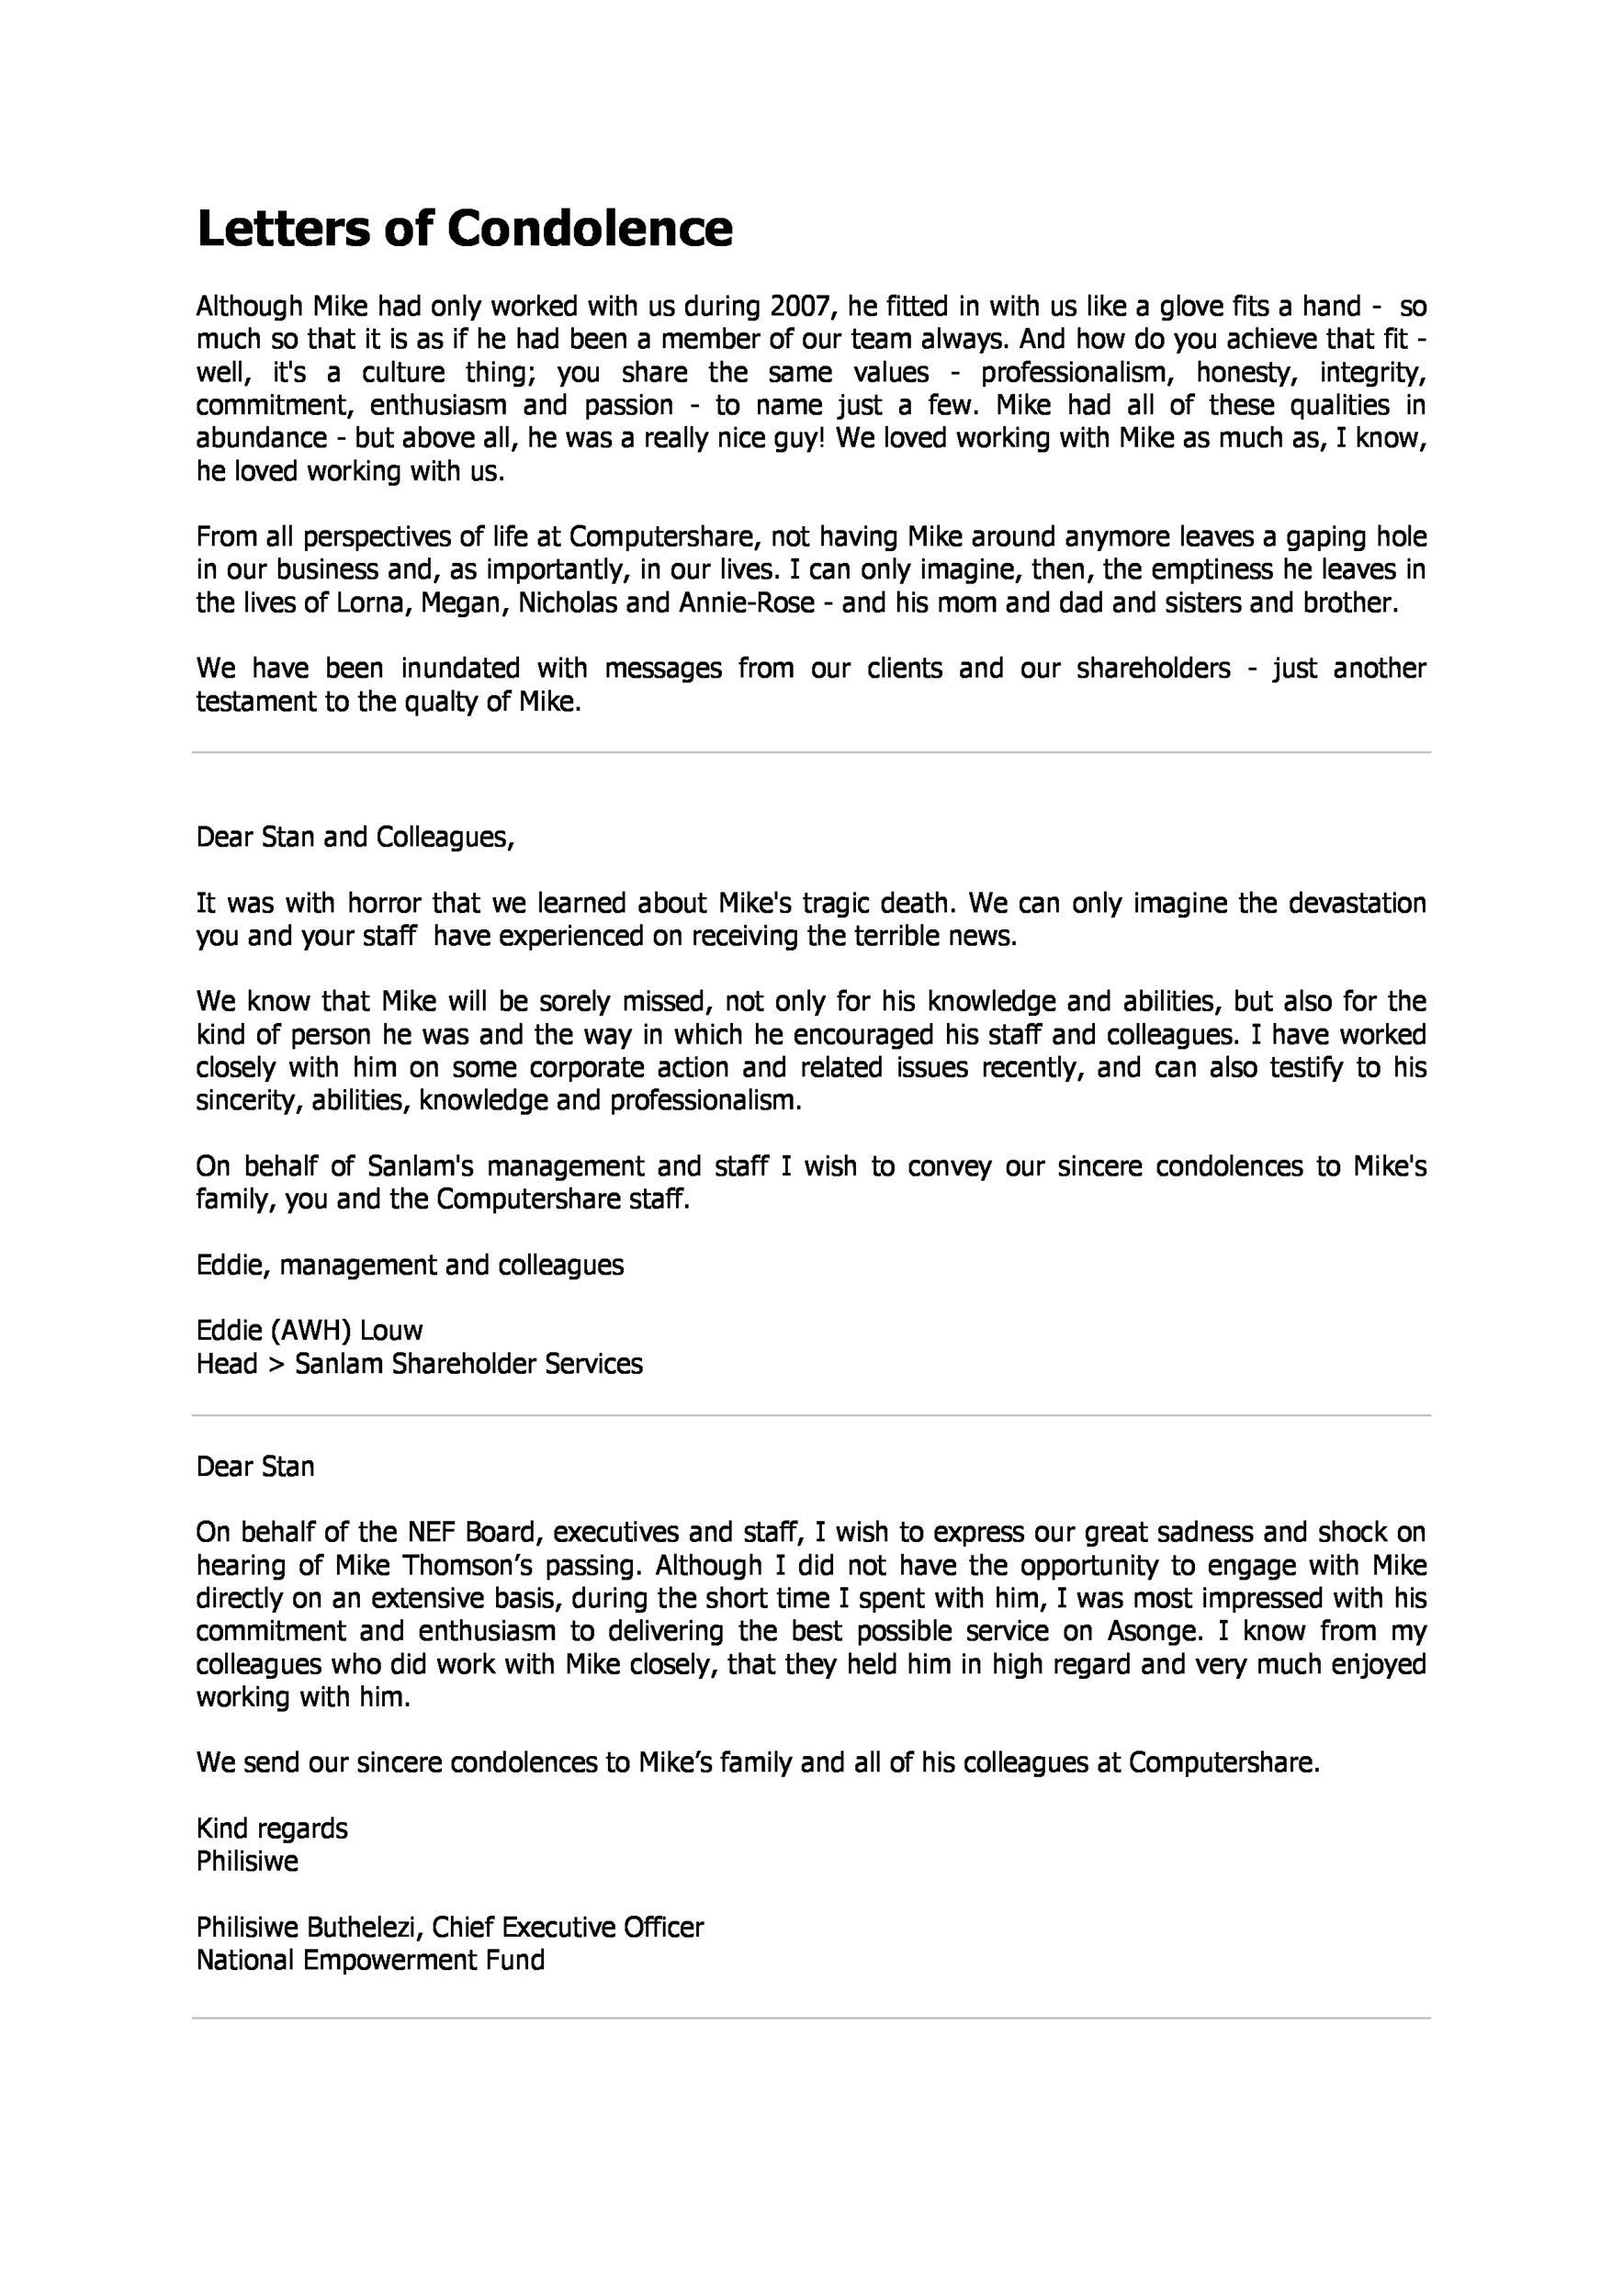 Free condolence letter 33